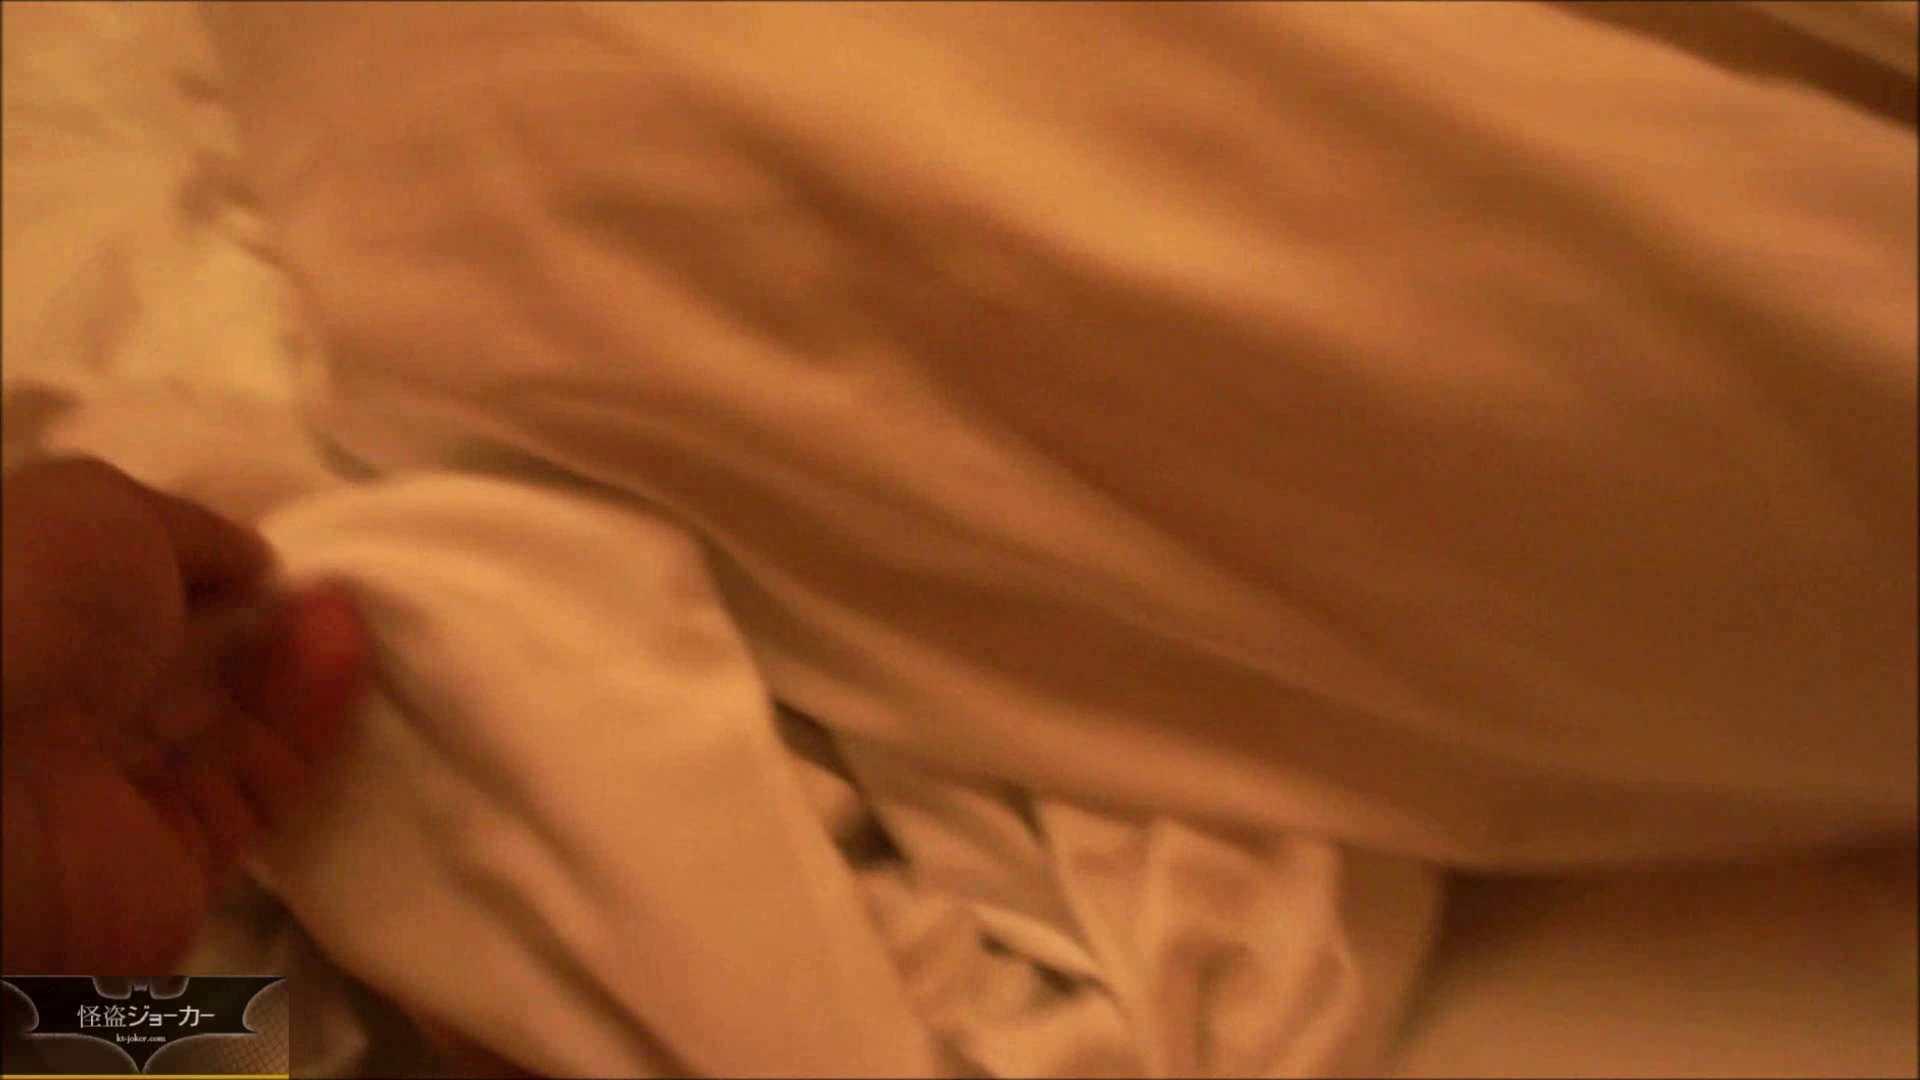 【未公開】vol.31 朋葉を目民り姫にして味比べ・・・ 乳首くっきり | 肛門大好き  41連発 19